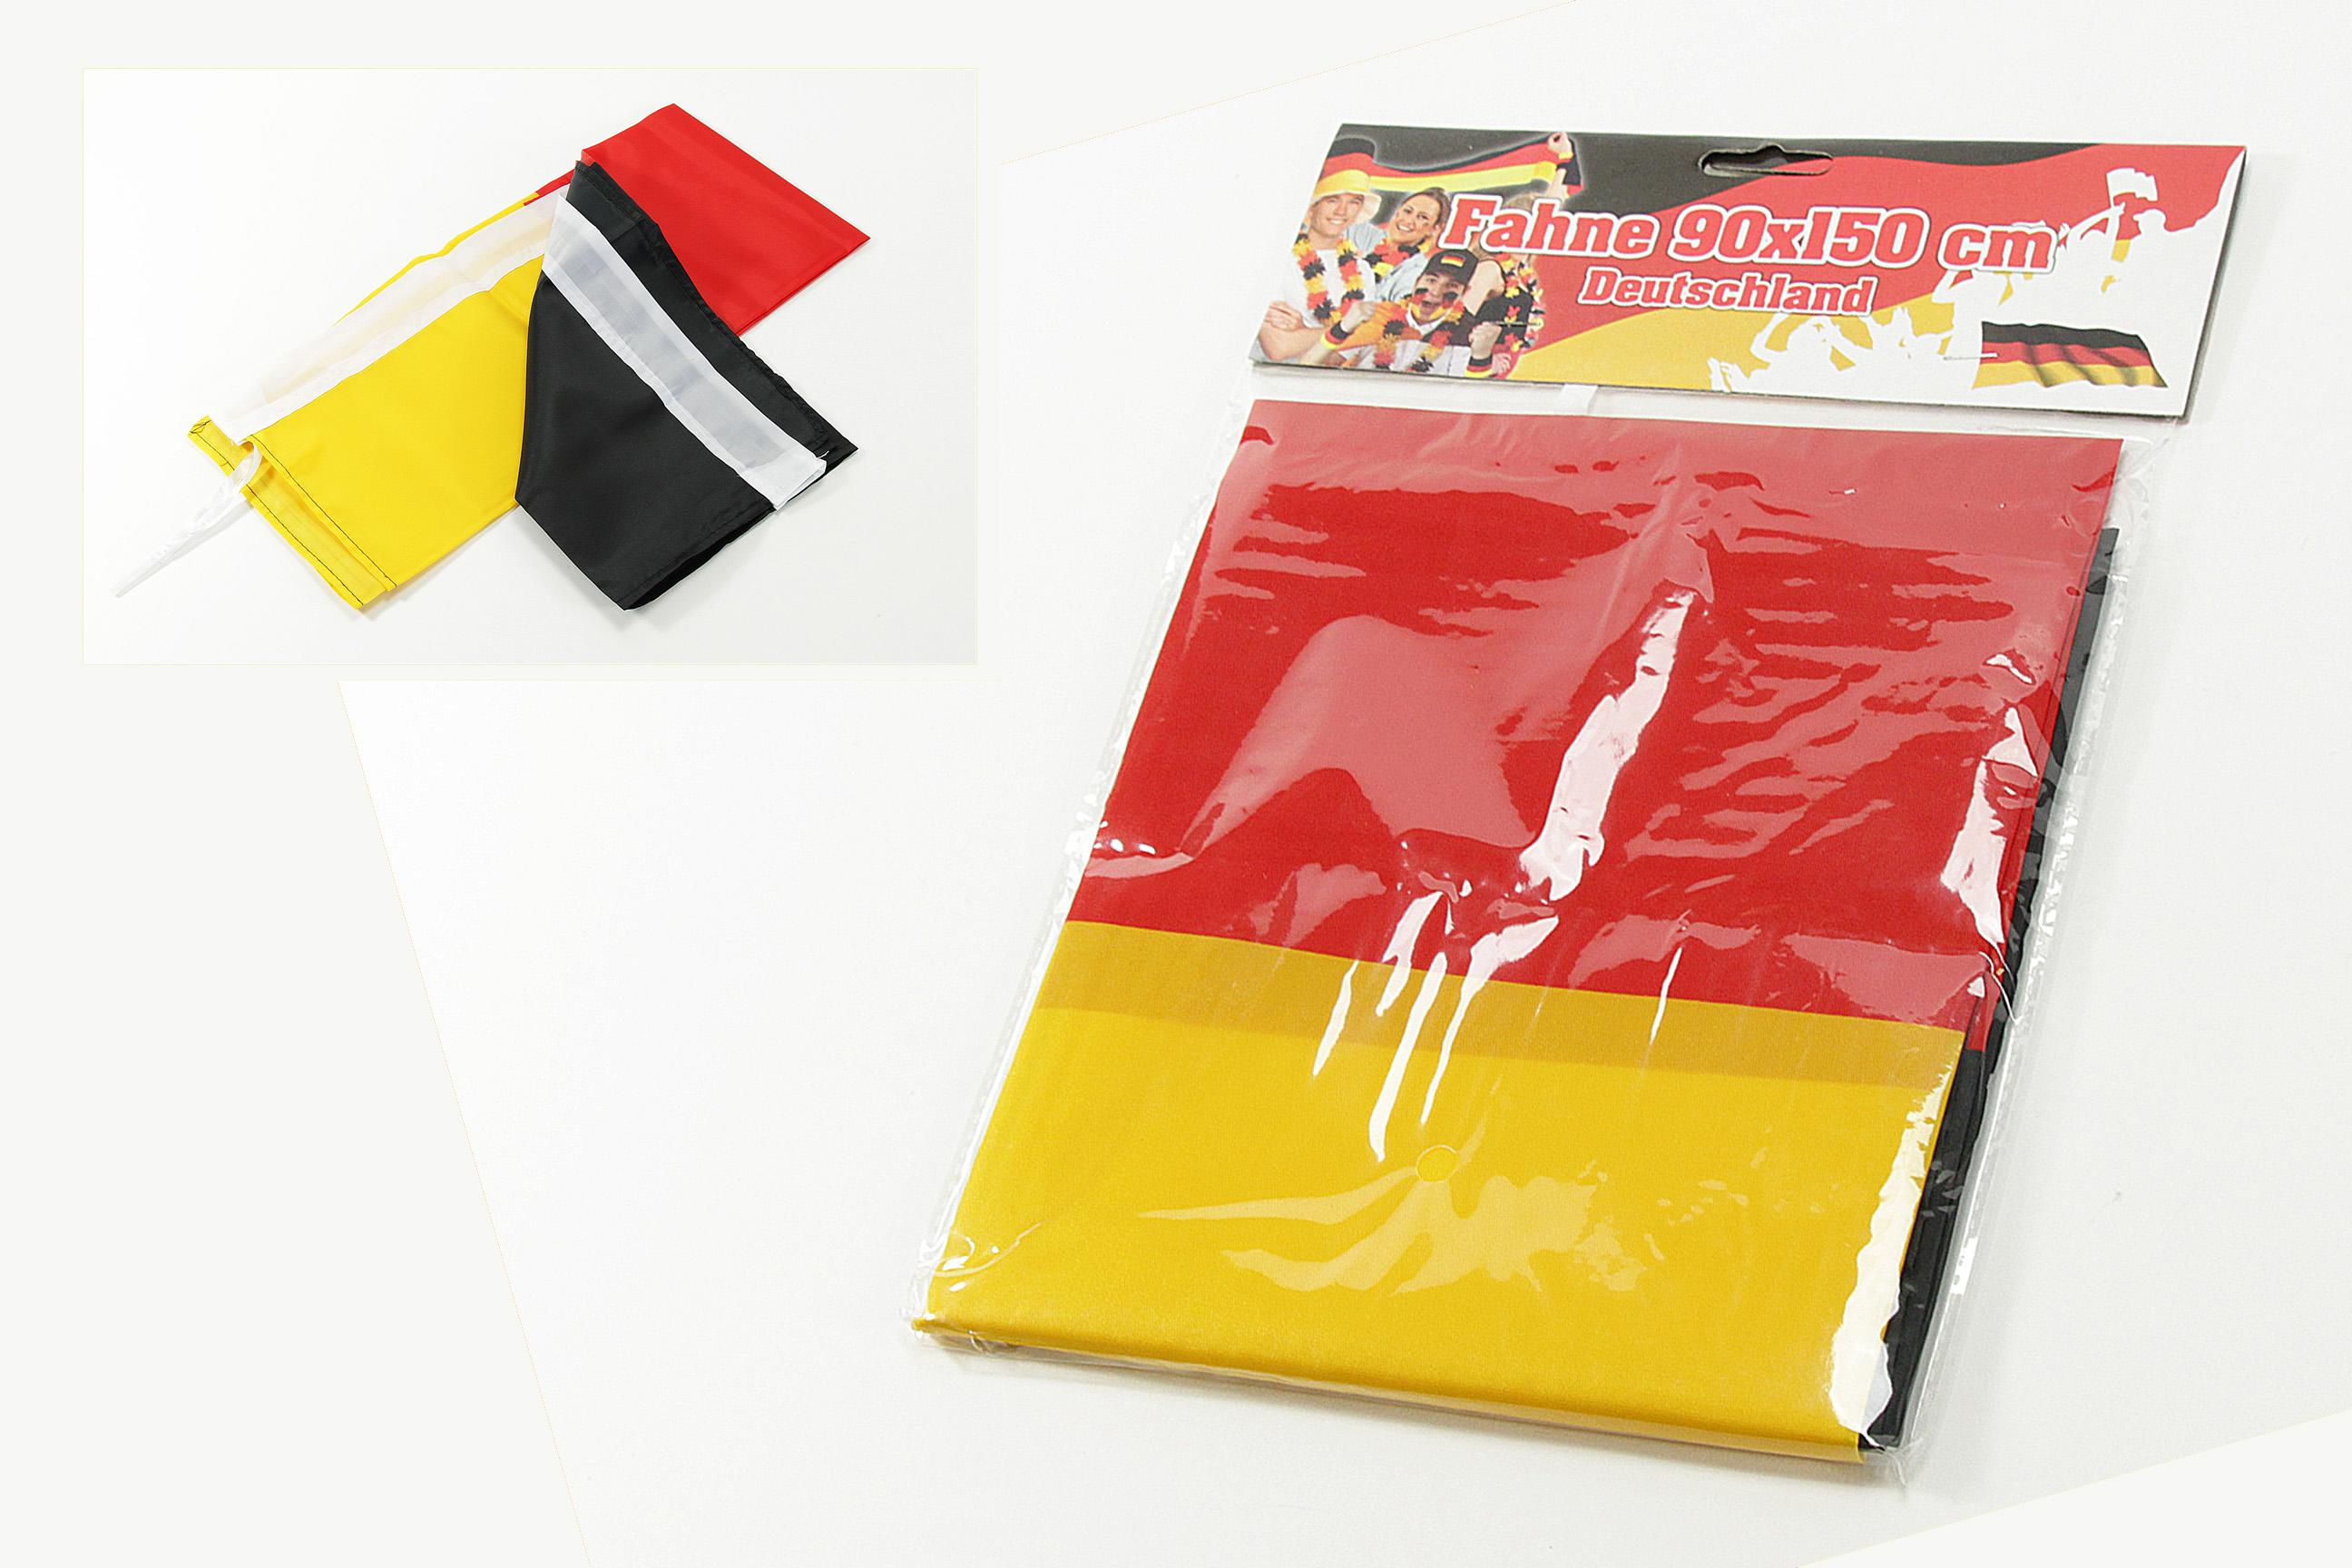 Fahne new 90 cm x 60 cm Germany Deutsche Flagge Fan Deutschland